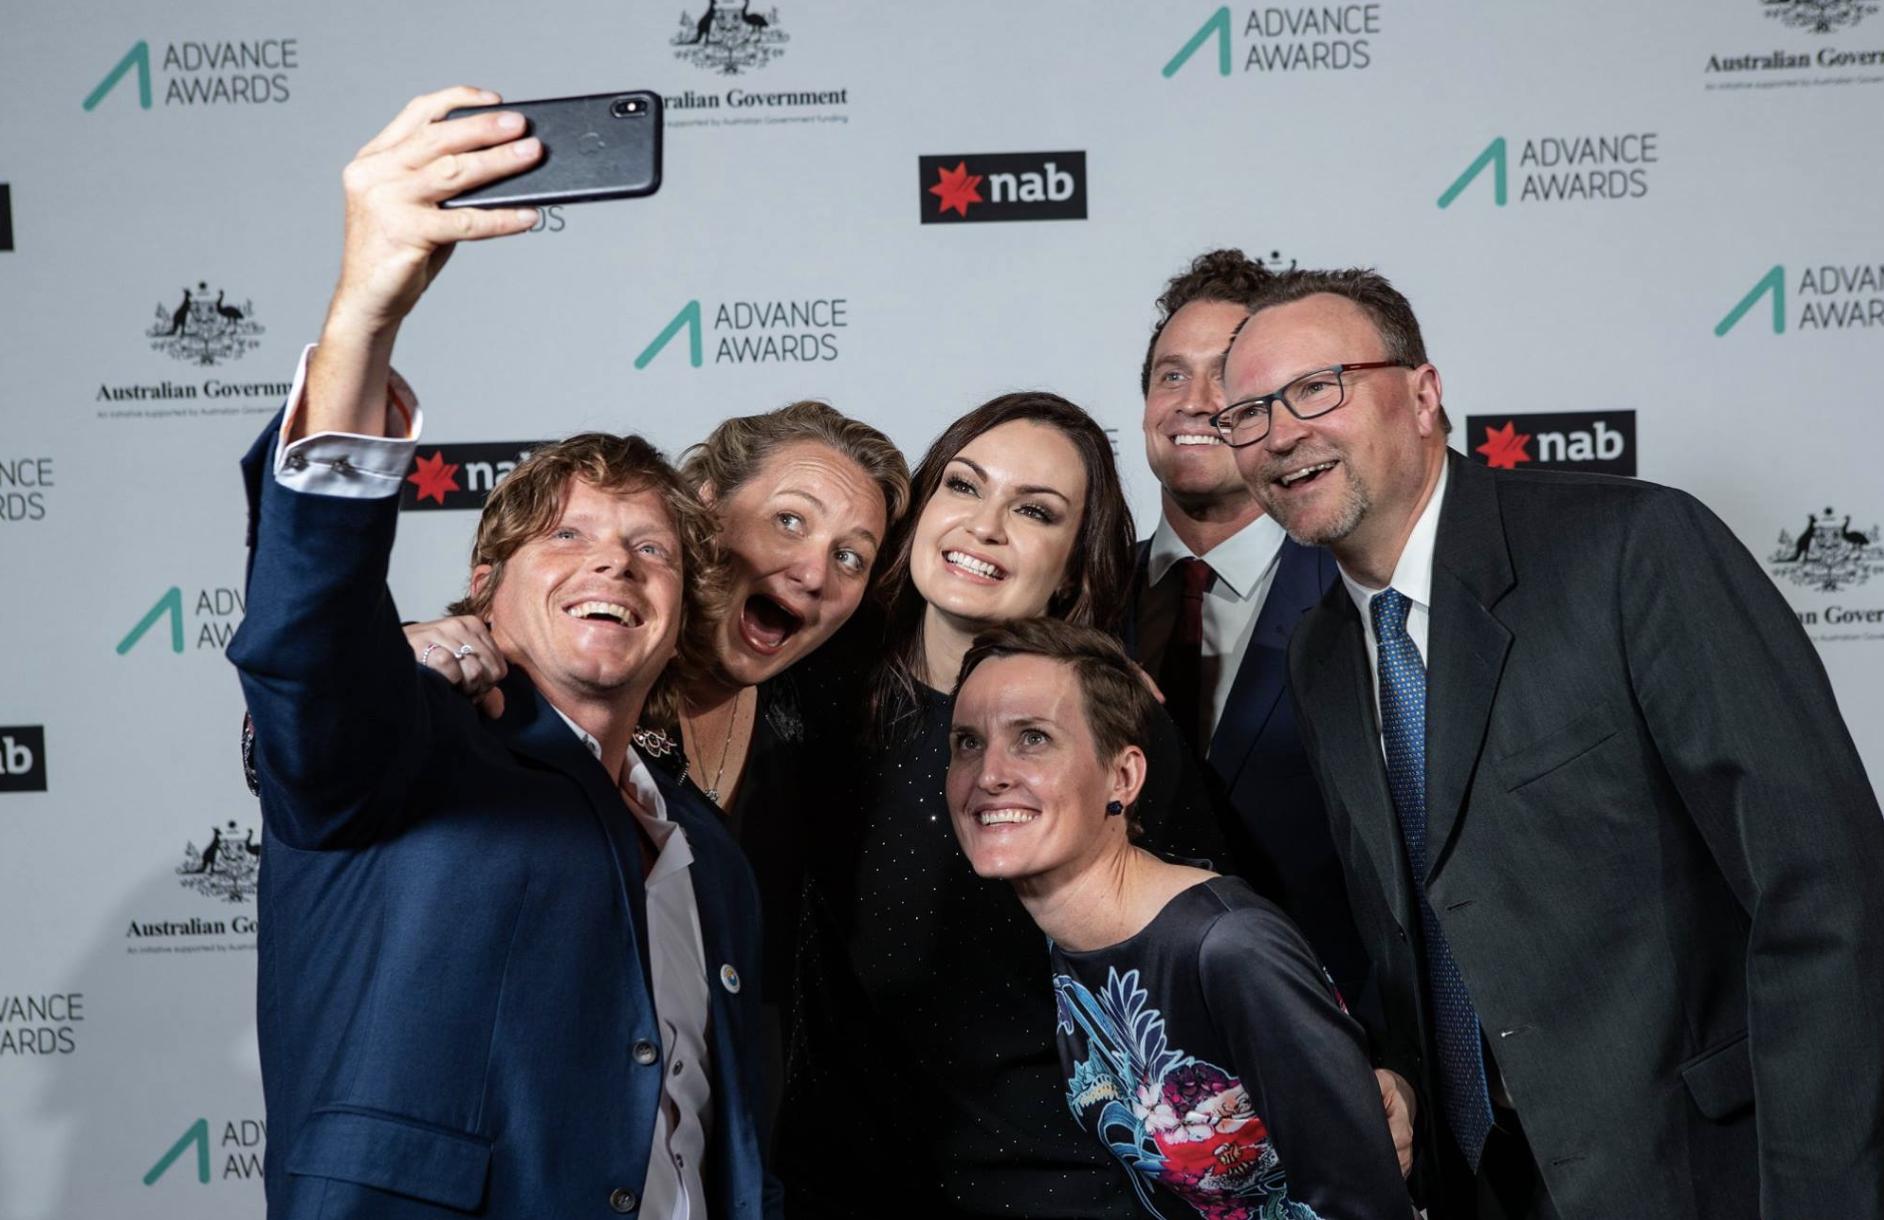 2018 Advance Awards winners